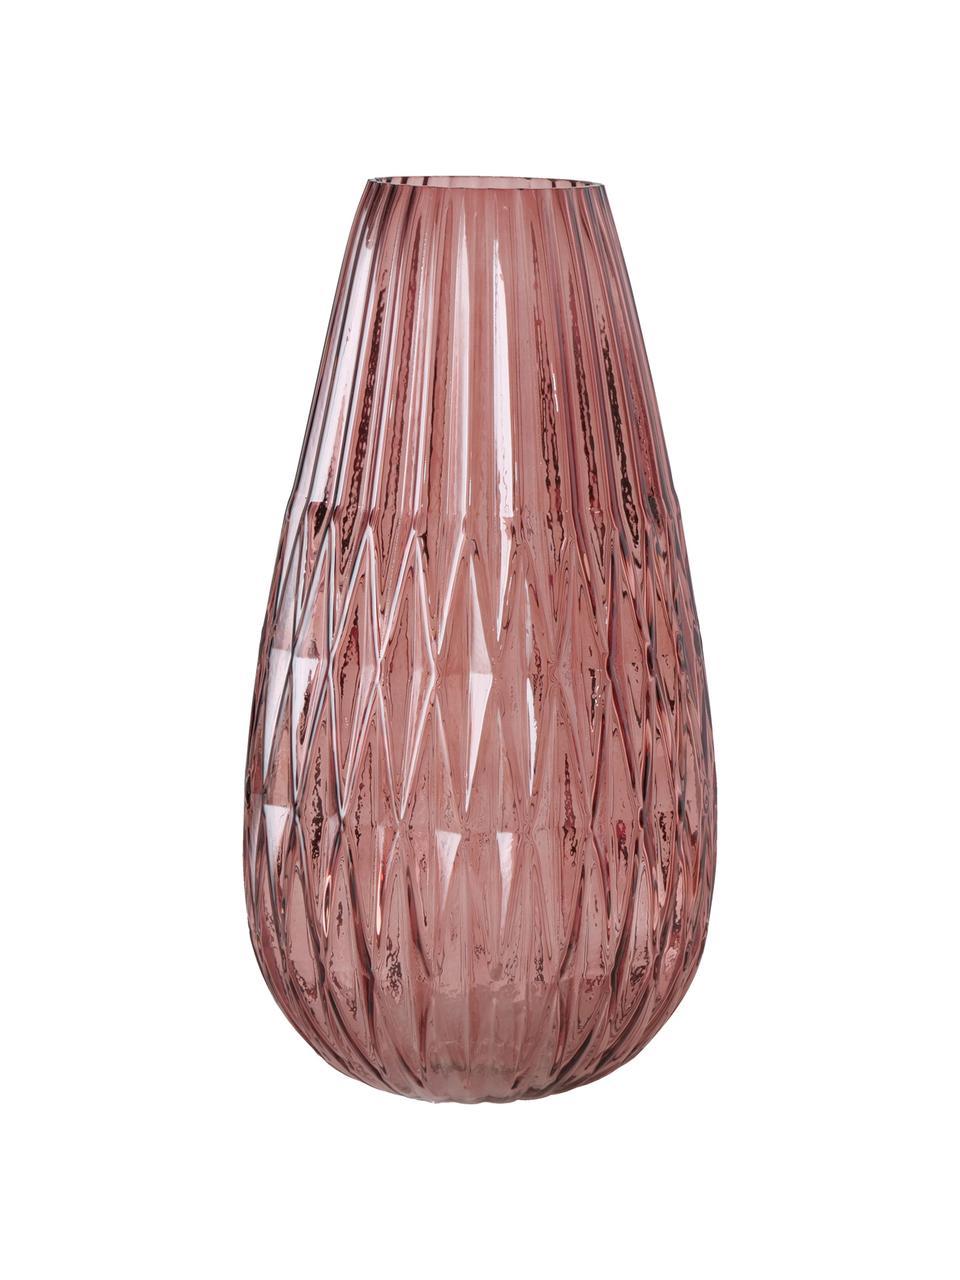 Vaso in vetro Rubina, Vetro colorato, Rosa, Ø 20 x Alt. 36 cm